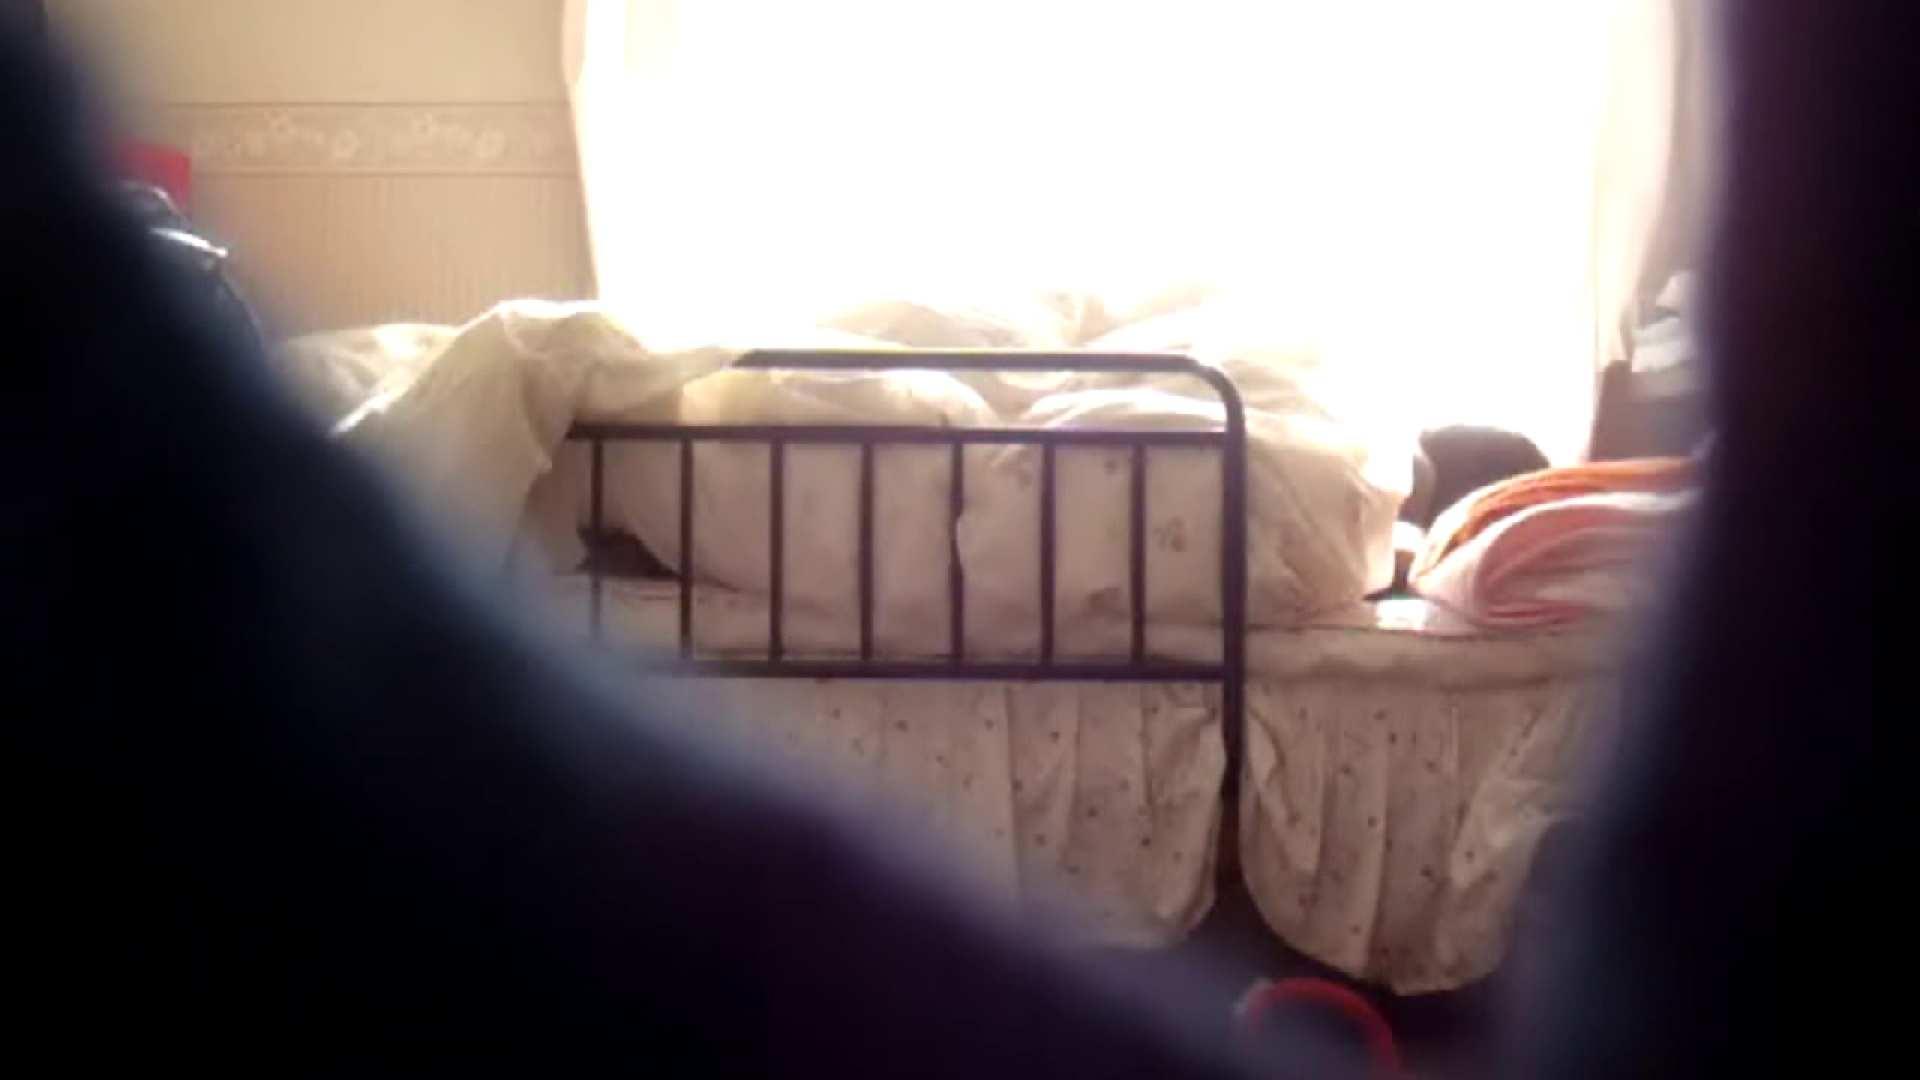 二人とも育てた甲斐がありました… vol.04 まどかが帰宅してベッドでセックス OLセックス  57画像 8